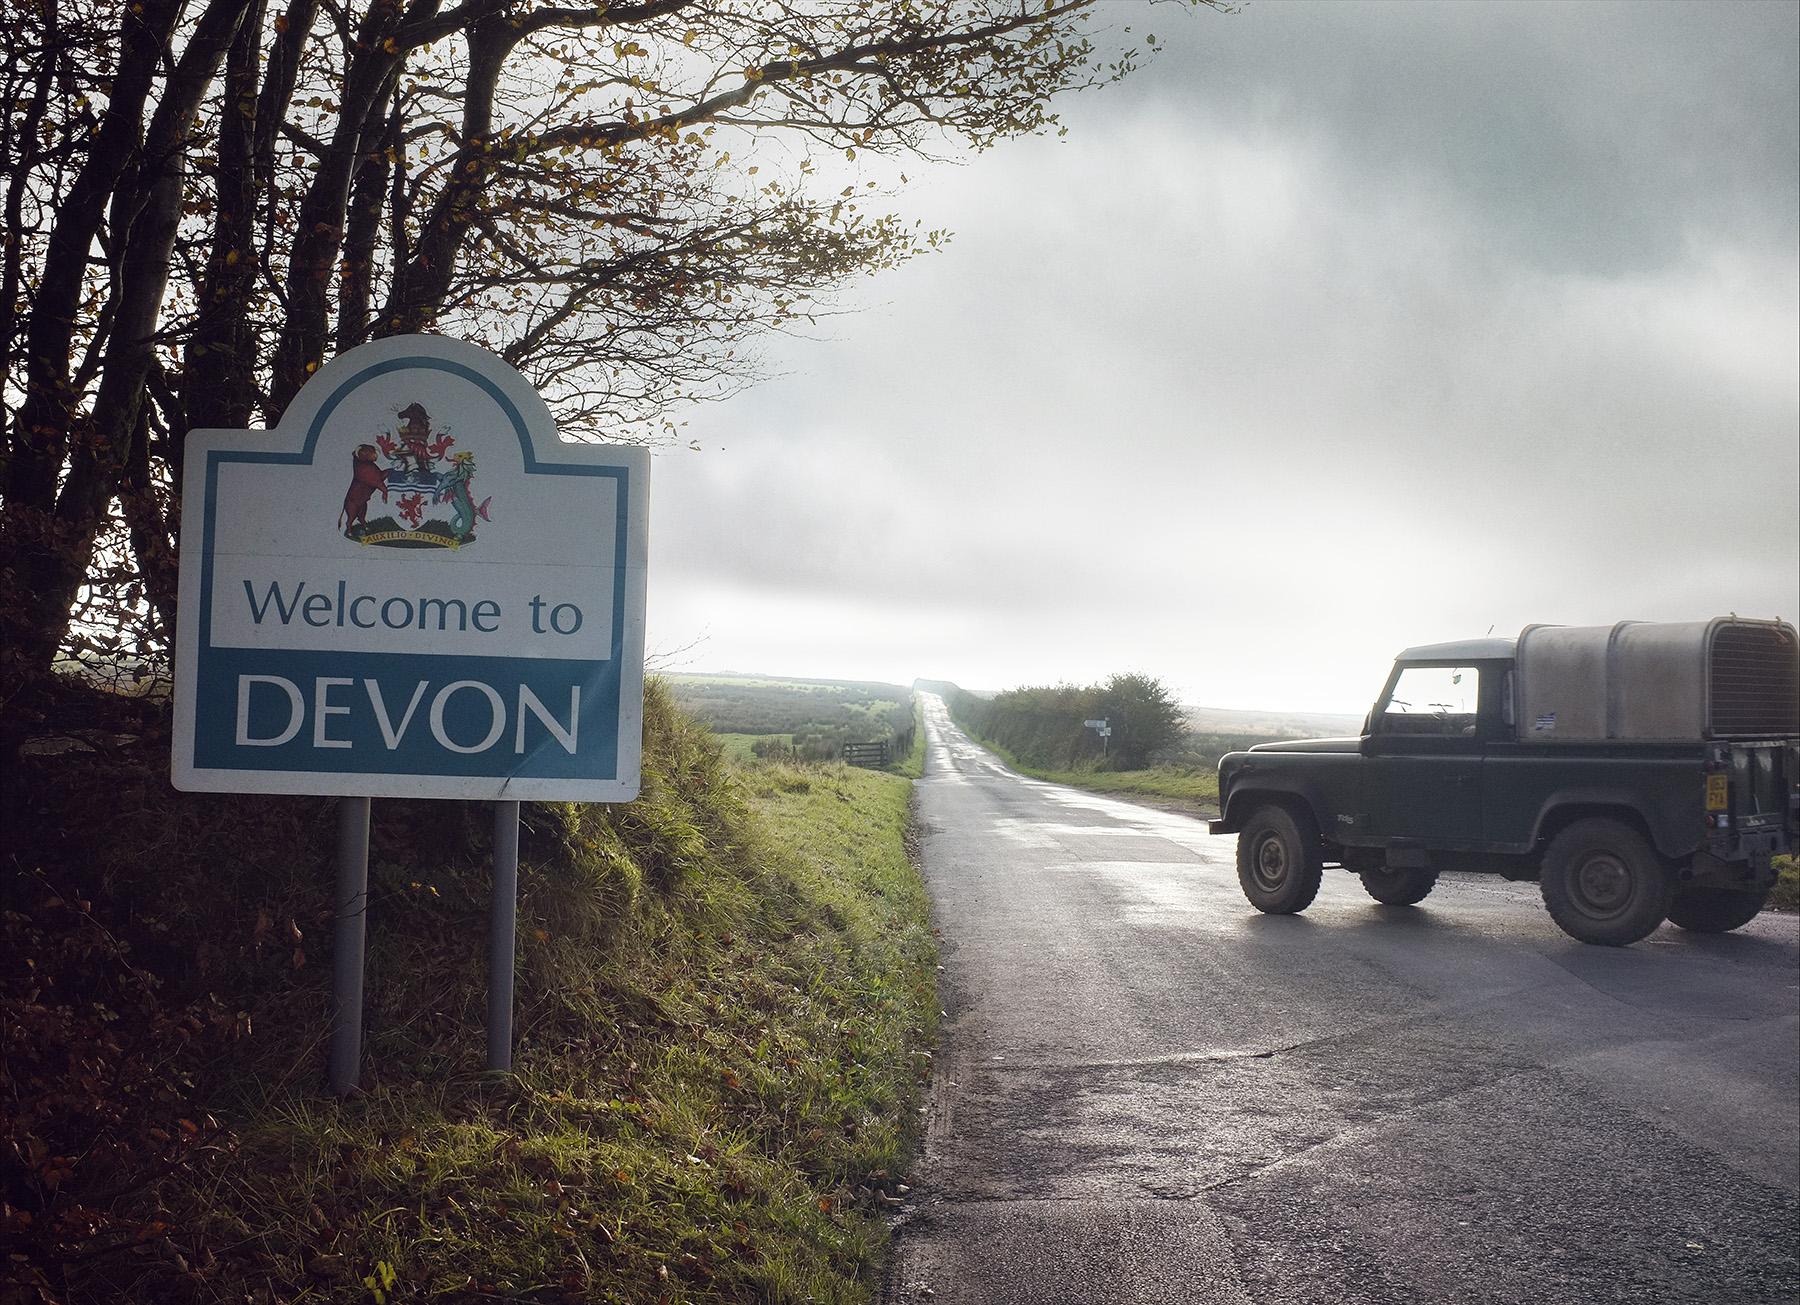 welcome-to-devon